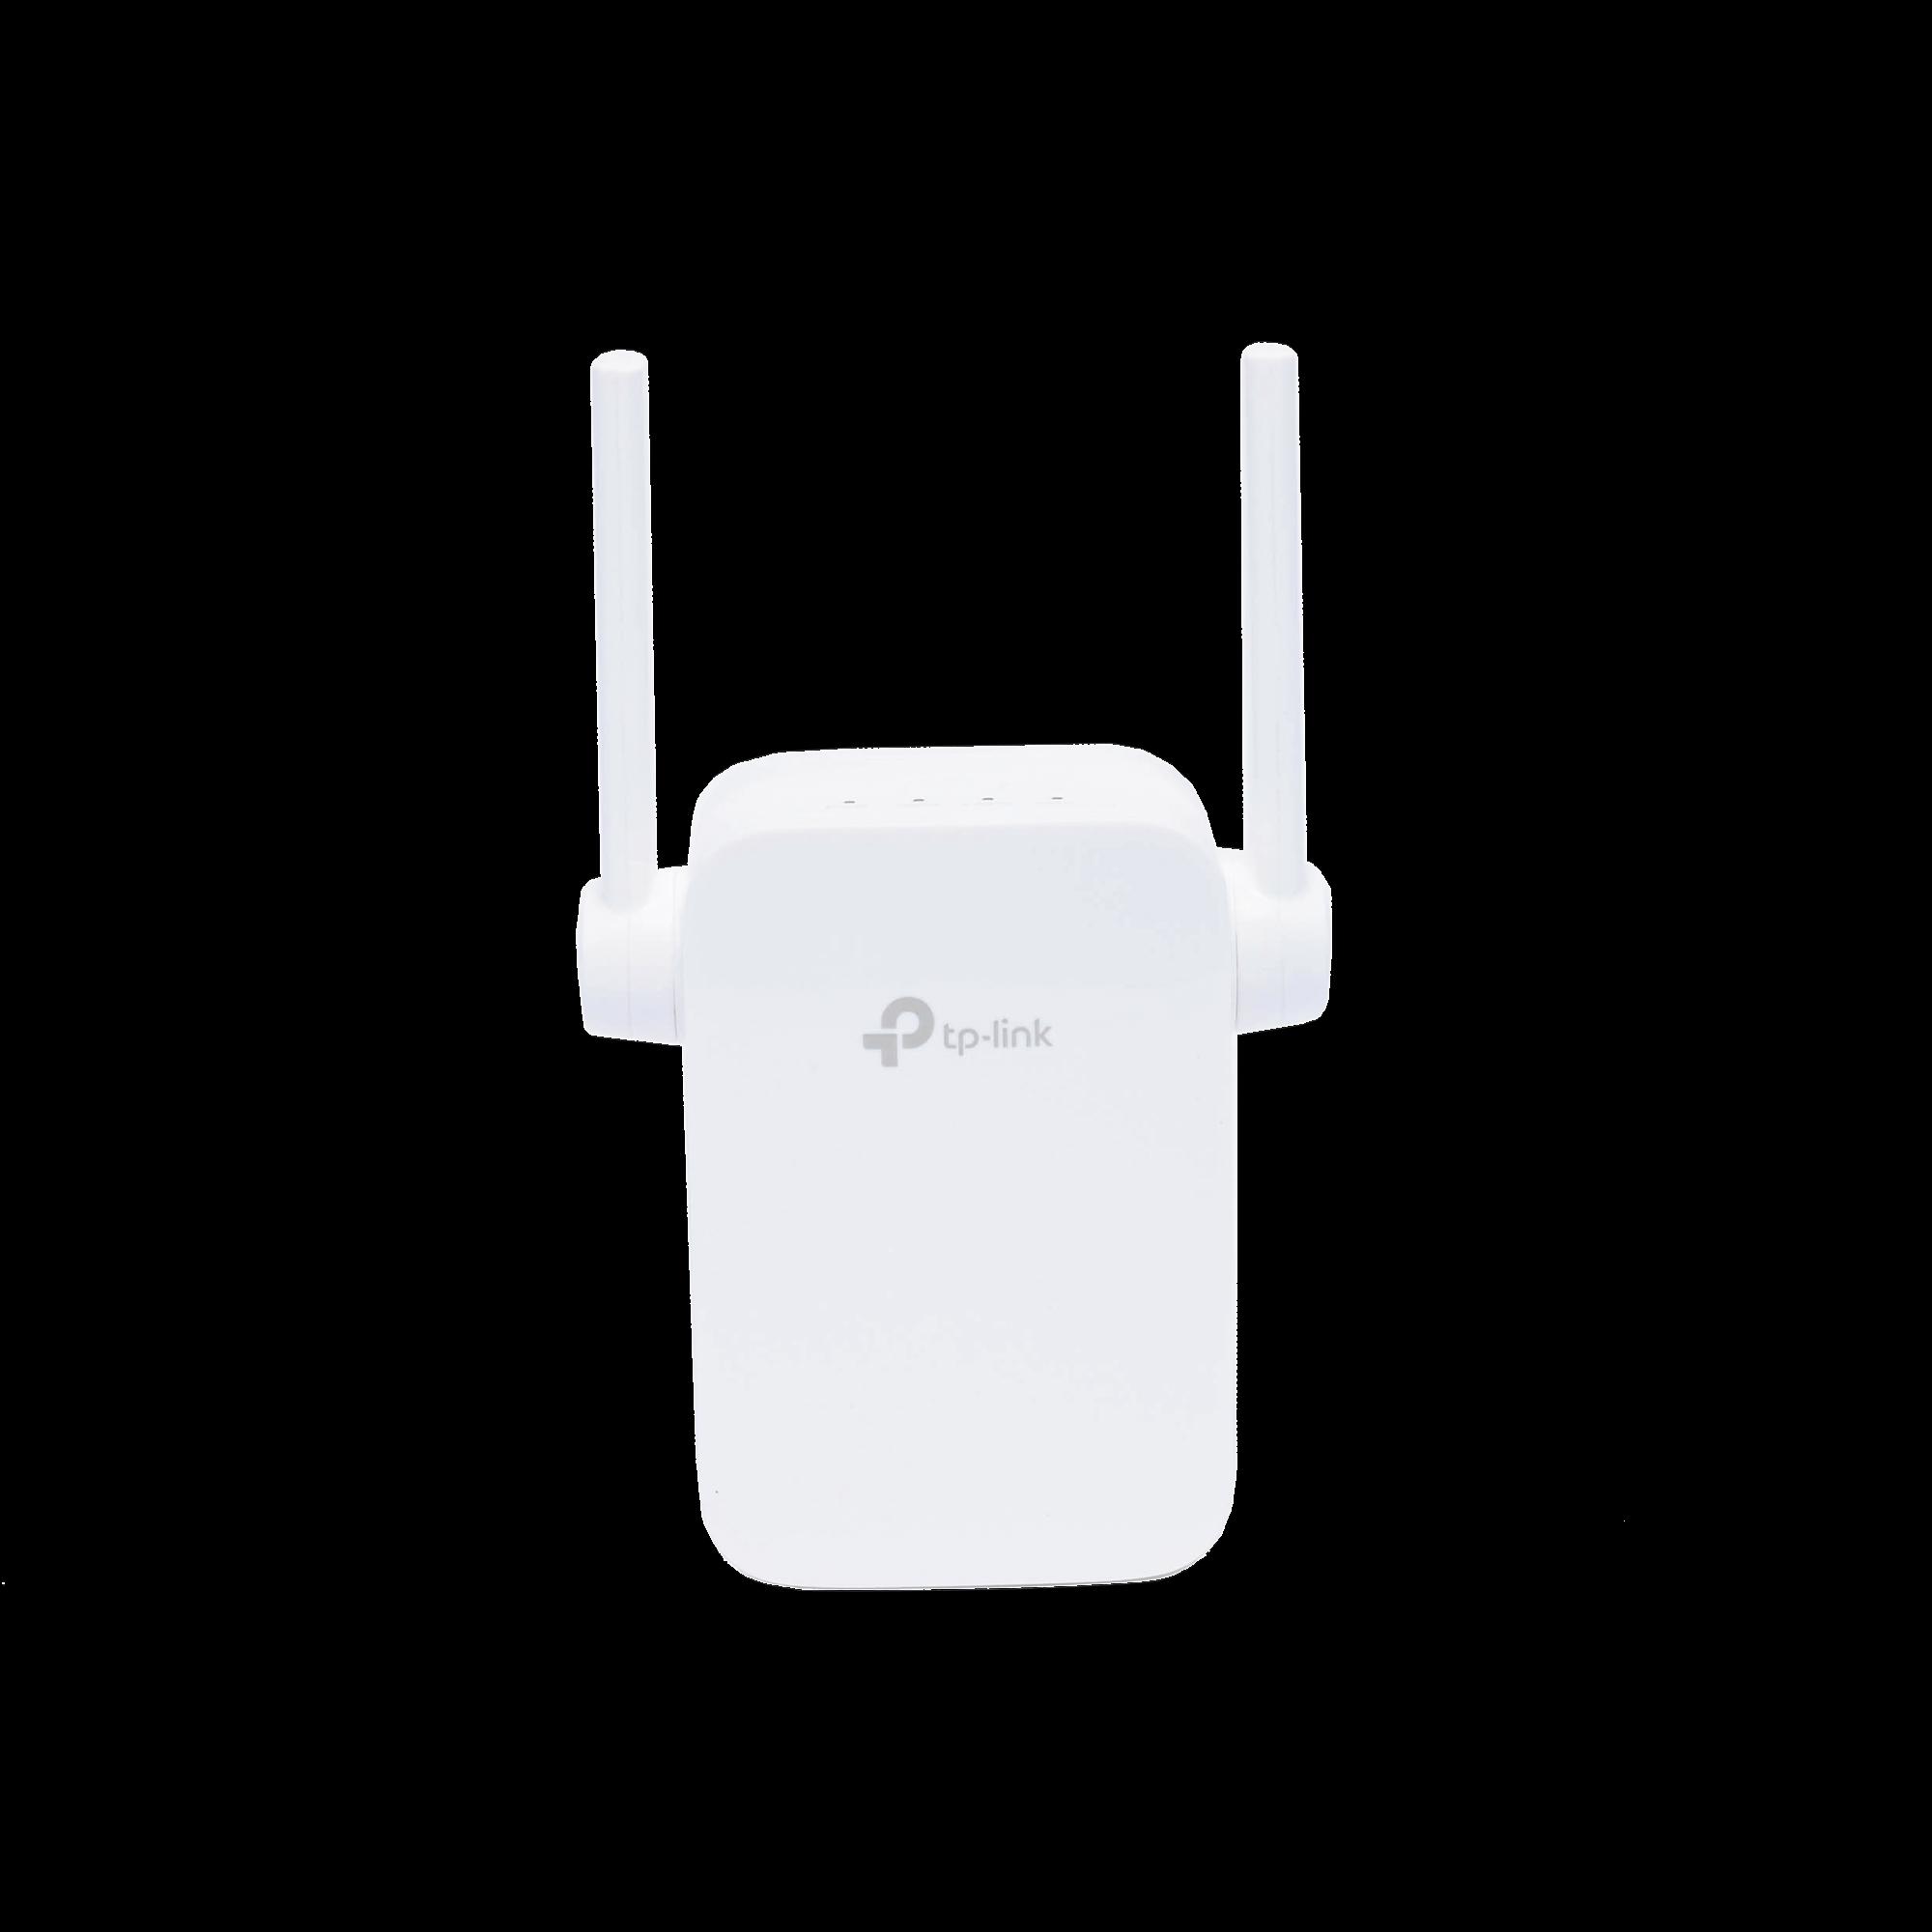 Repetidor / Extensor de Cobertura WiFi AC, 1200 Mbps, doble banda 2.4 GHz y 5 GHz, con 1 puerto 10/100 Mbps, con 2 antenas externas